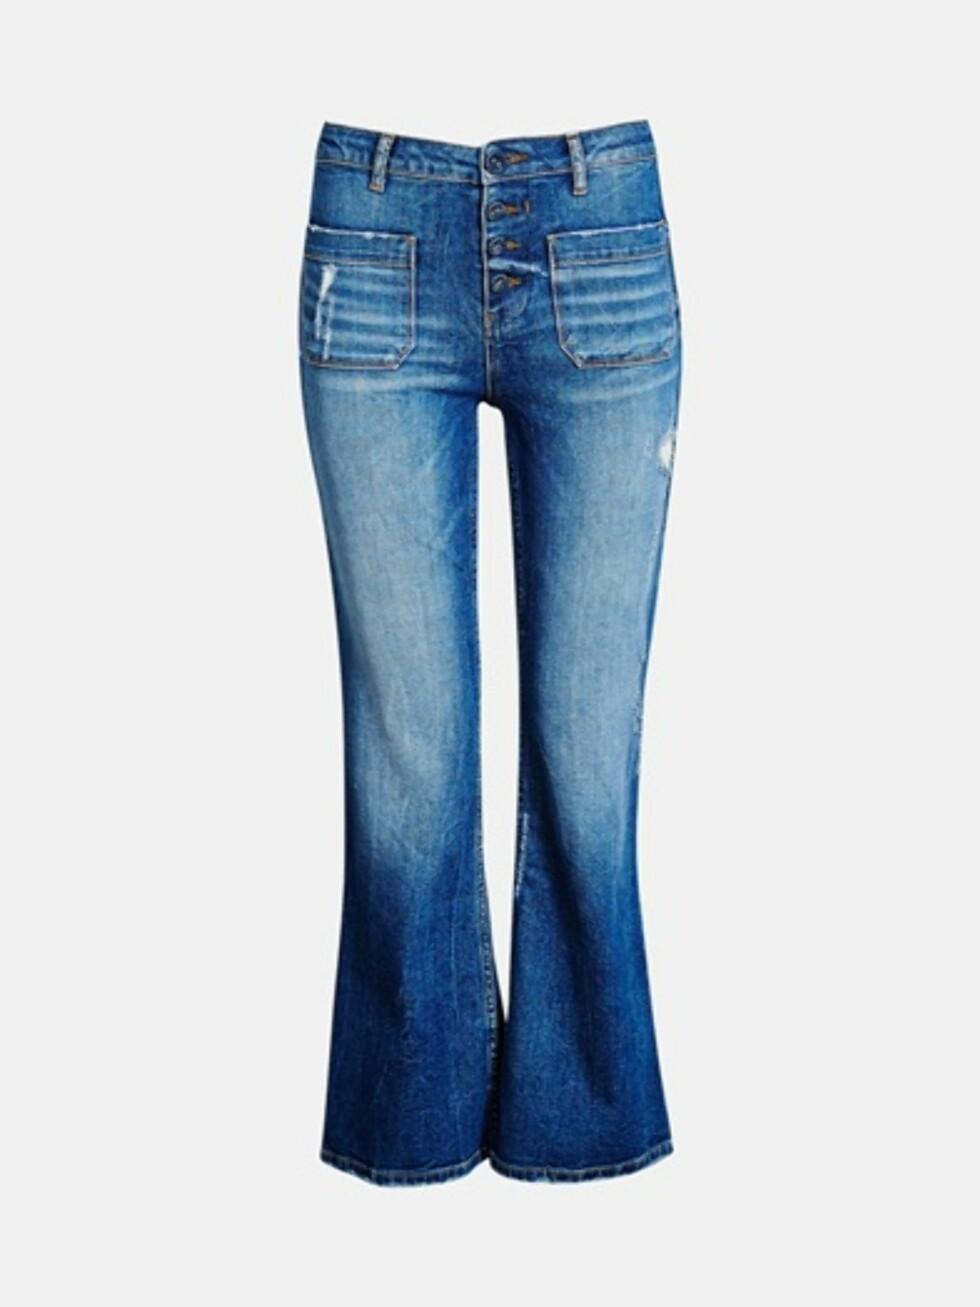 Jeans fra Bik Bok, kr 499. Foto: Produsenten